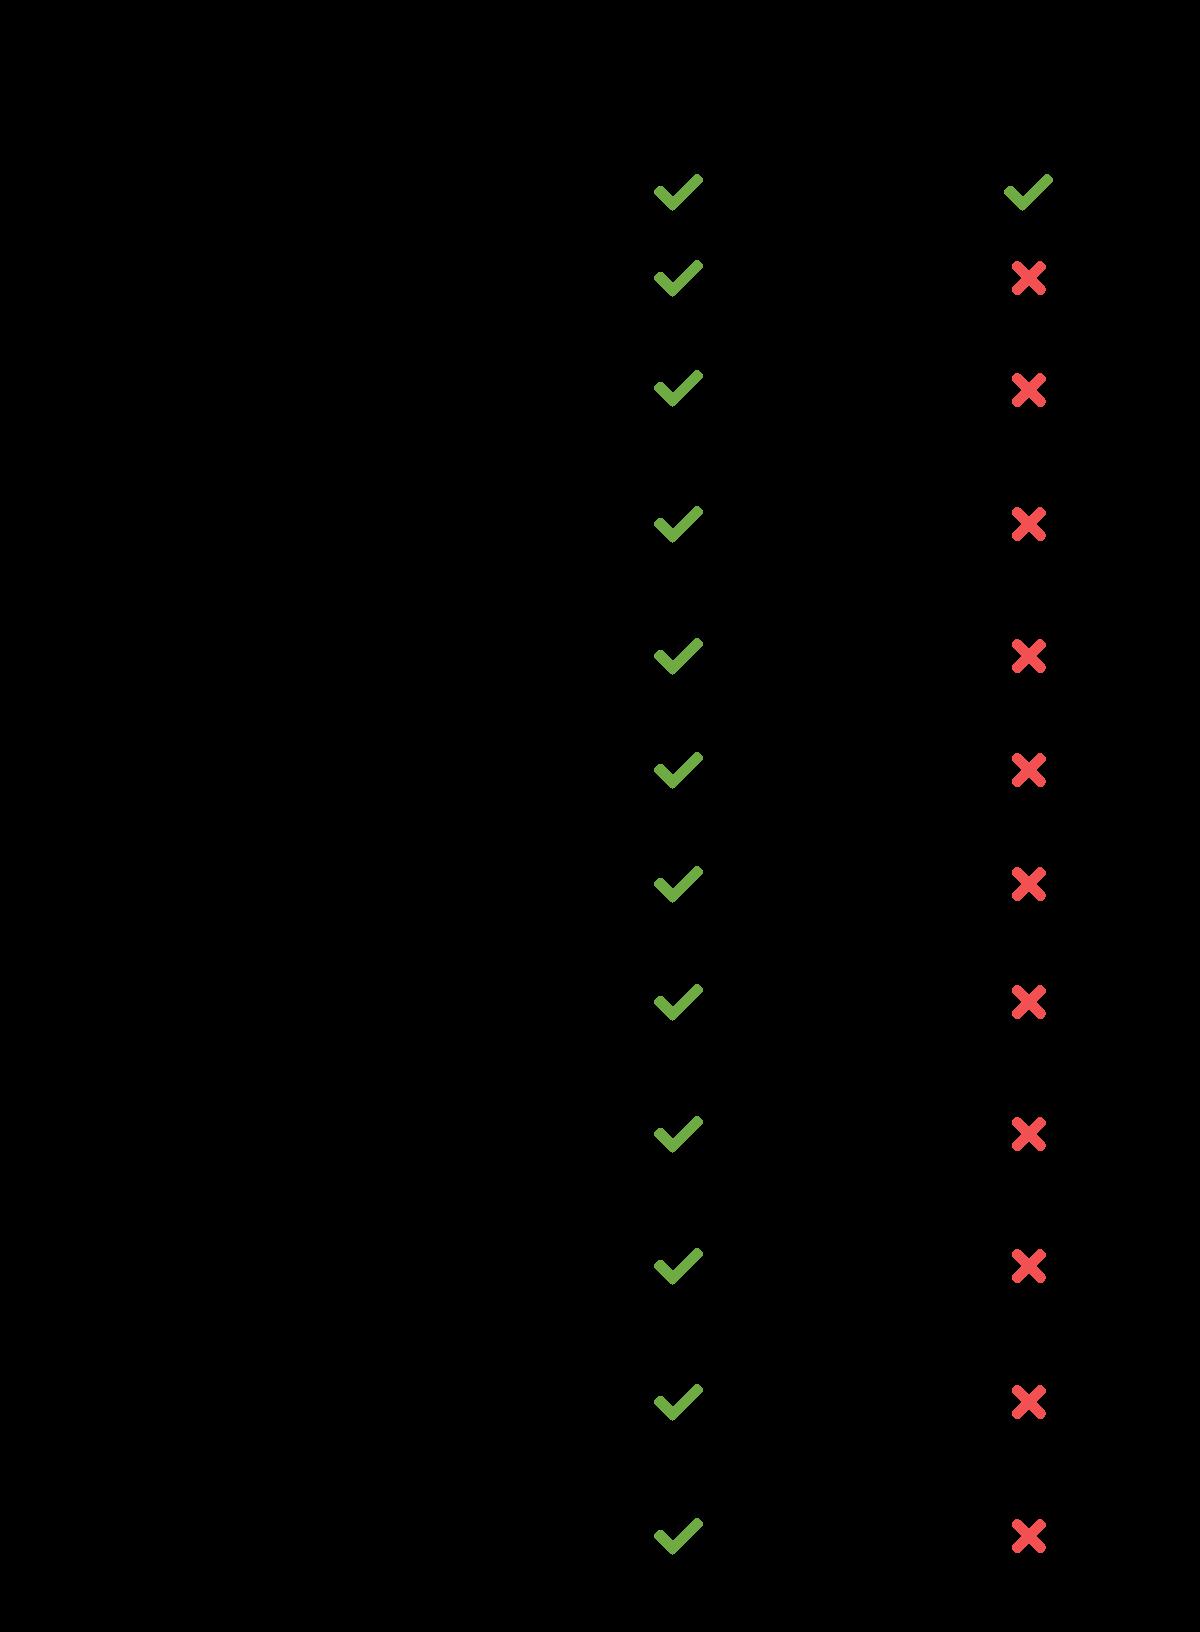 deltae võrdlus konsultatsiooni ettevõttega